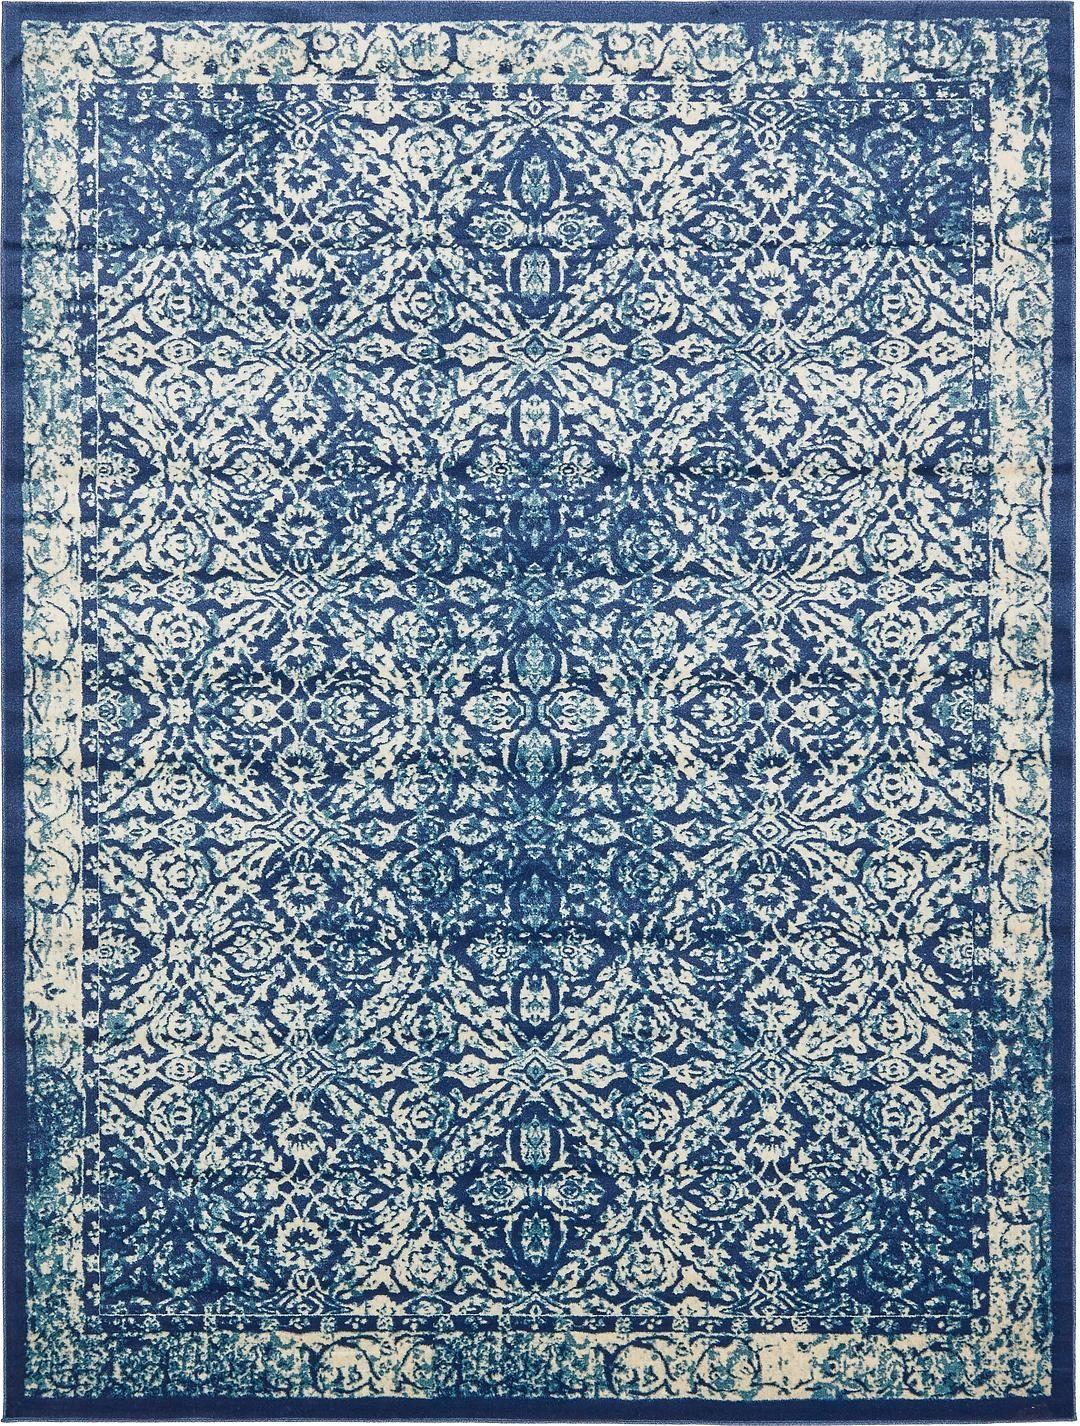 Navy Blue 10 X 13 Stockholm Rug Area Rugs Esalerugs Blue Area Rugs Area Rugs Rugs In Living Room